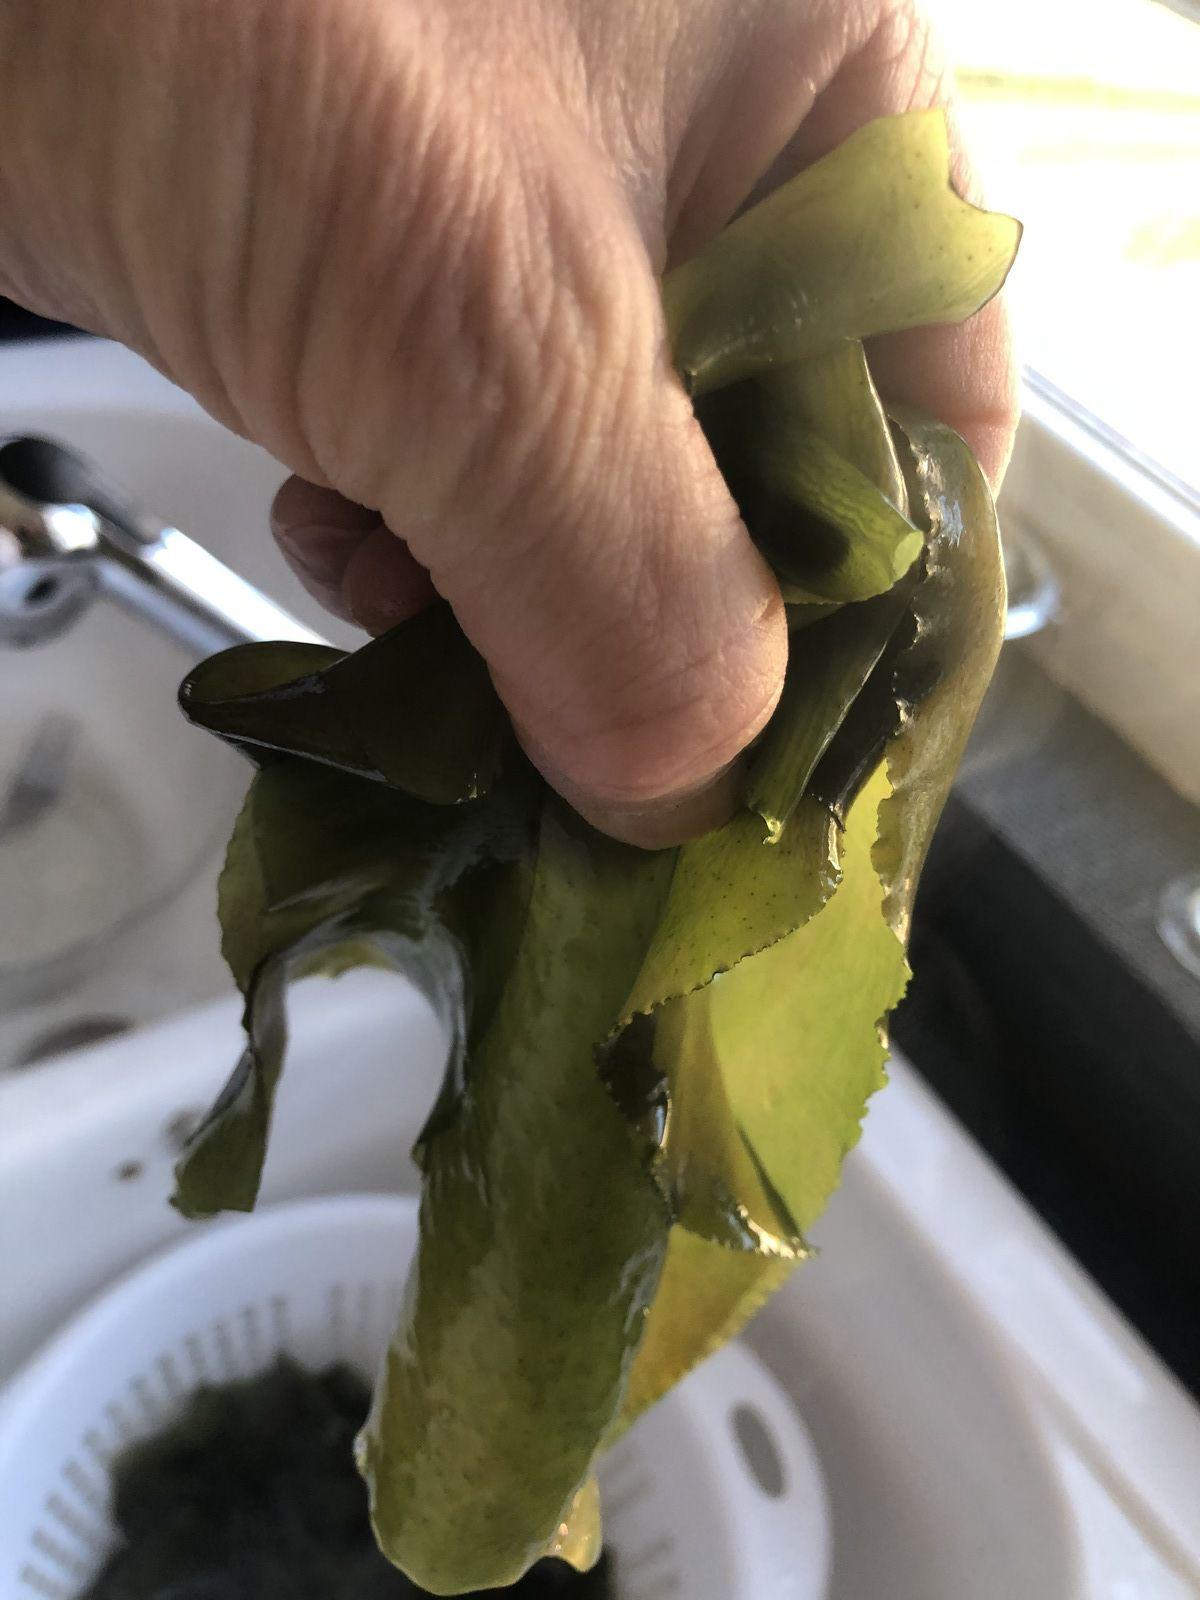 Mais, avant de les découper, il faudra bien rincer celles conservées dans le sel avant de pouvoir les utiliser. Ensuite, qu'elles soient fraîches ou déshydratée, il faut les laisser 10 minutes dans l'eau très chaude. Puis, les passer dans de l'eau très froide.